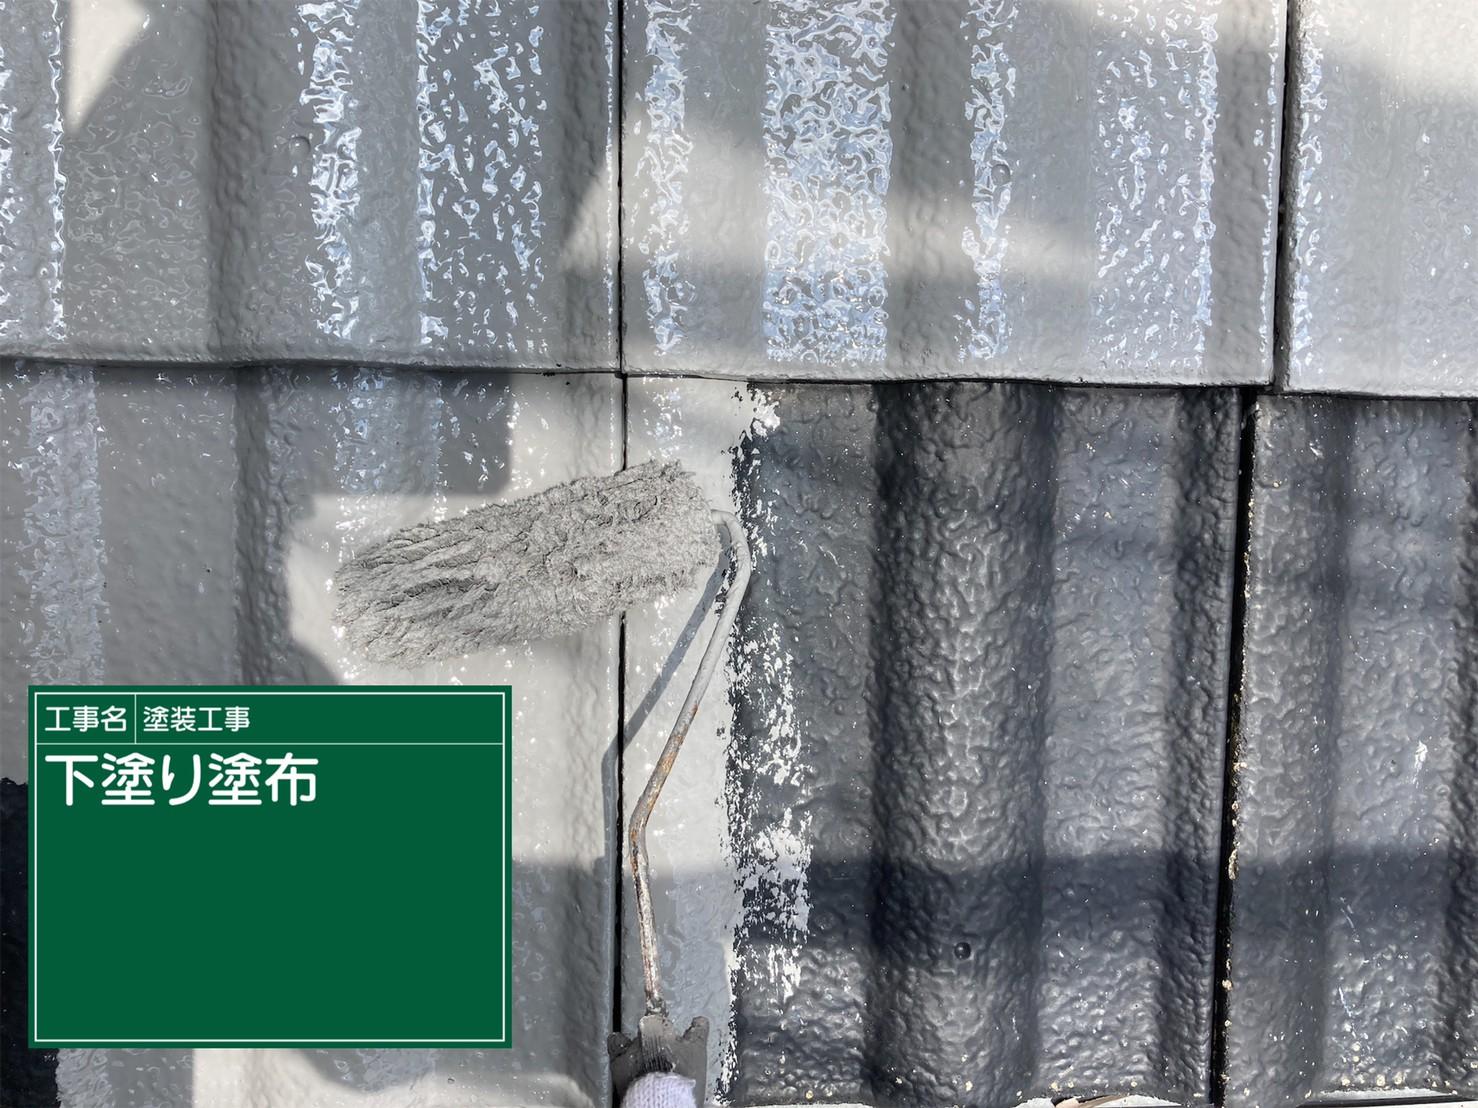 ハナマル!セメント瓦塗装!【外壁 塗装 越谷】